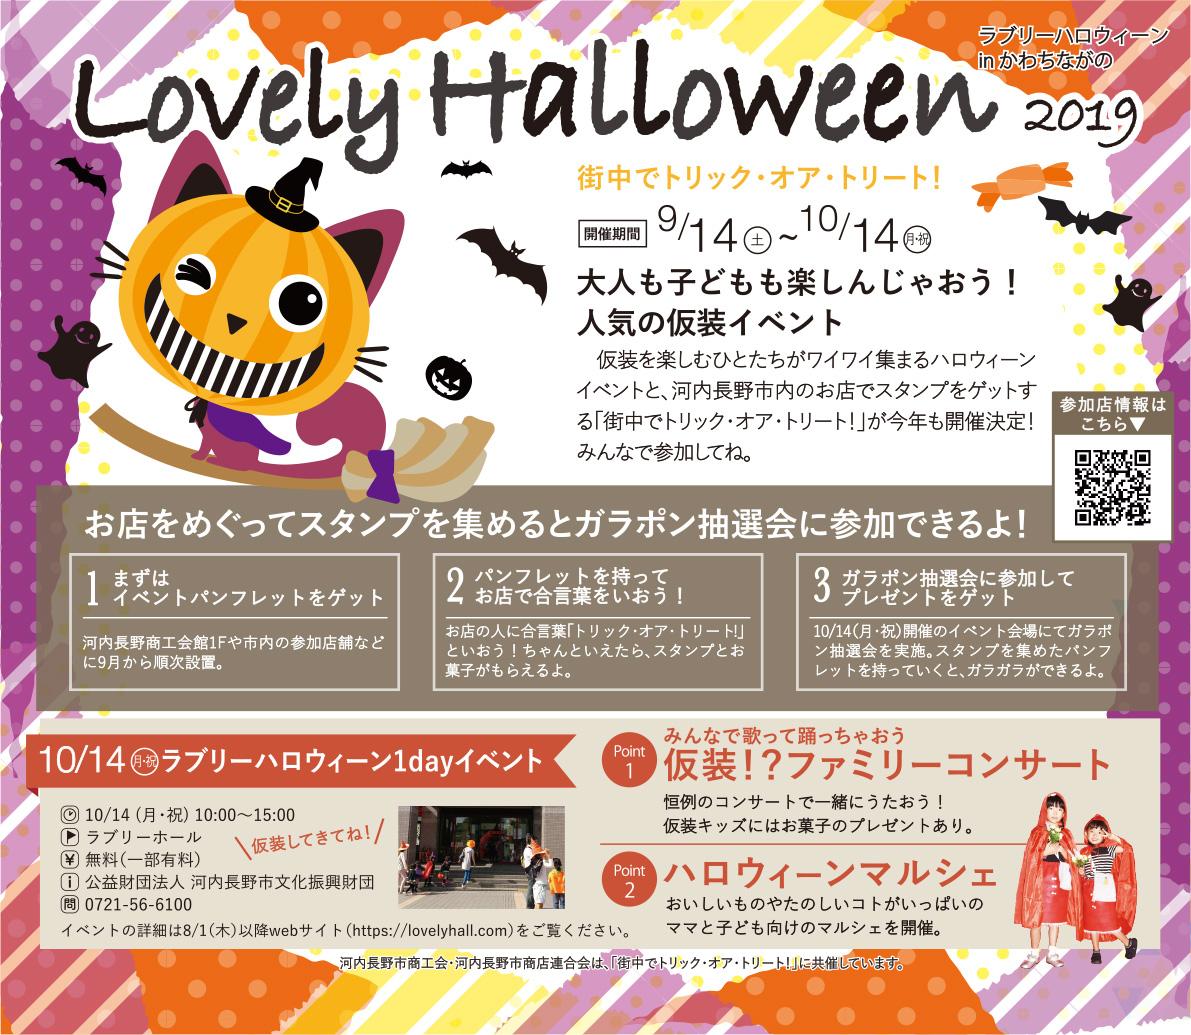 vol21_halloween